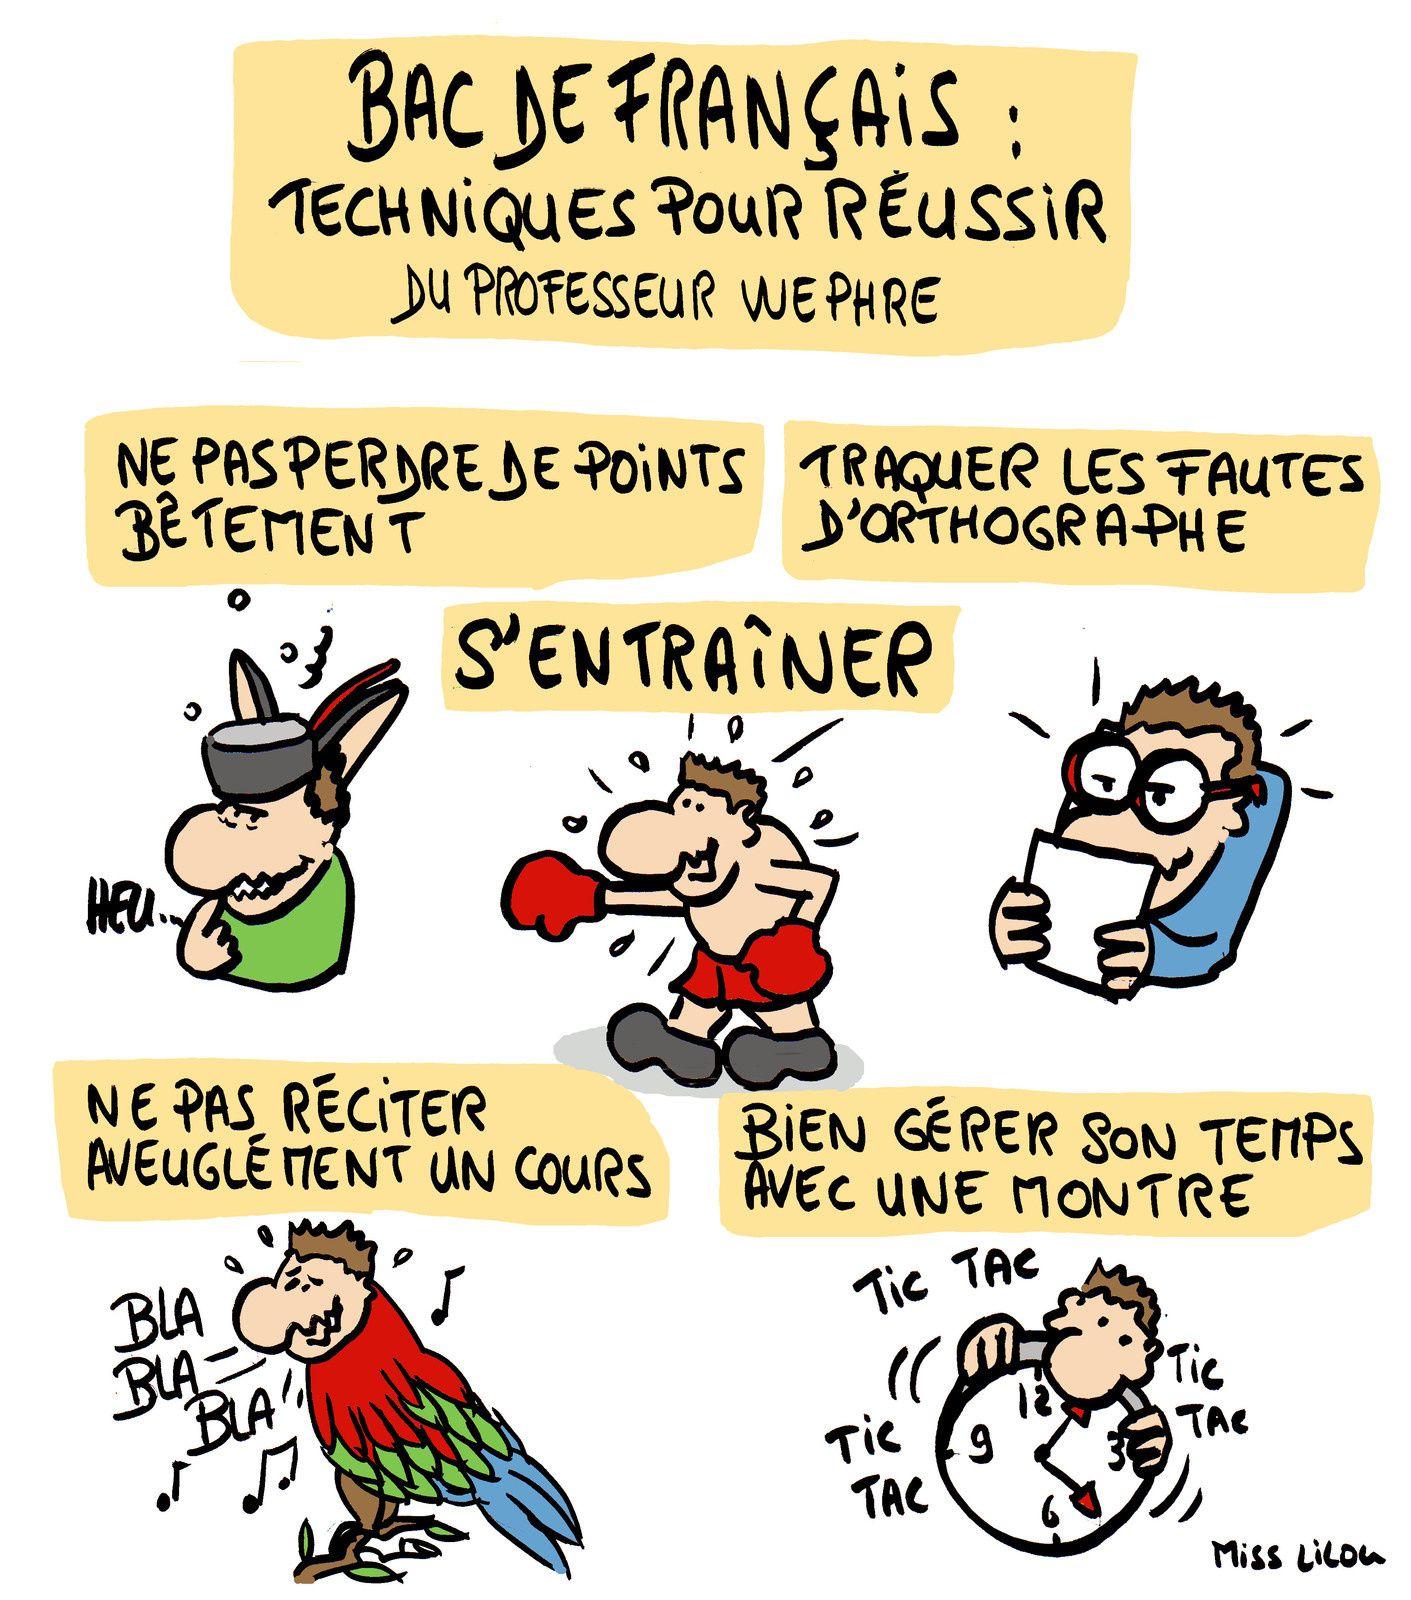 Bac de Français : Techniques pour réussir du Professeur Wephre !